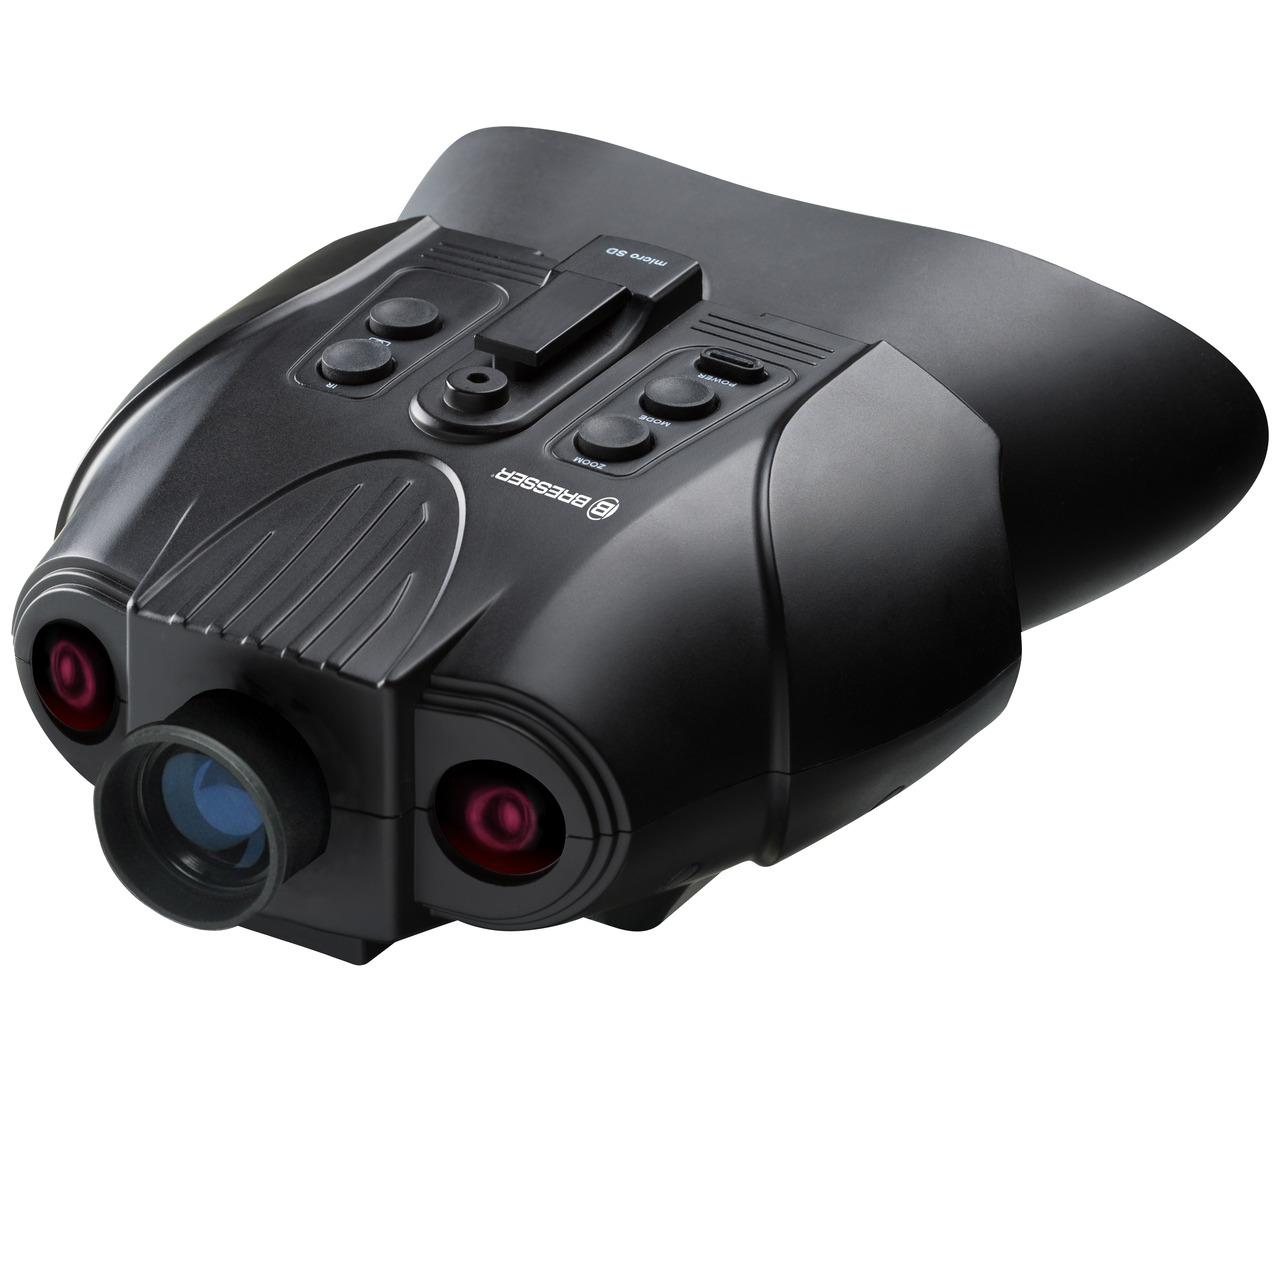 Bresser Digitales Nachtsichtgerät- binokular- 3-fache Vergrösserung- mit Aufnahmefunktion